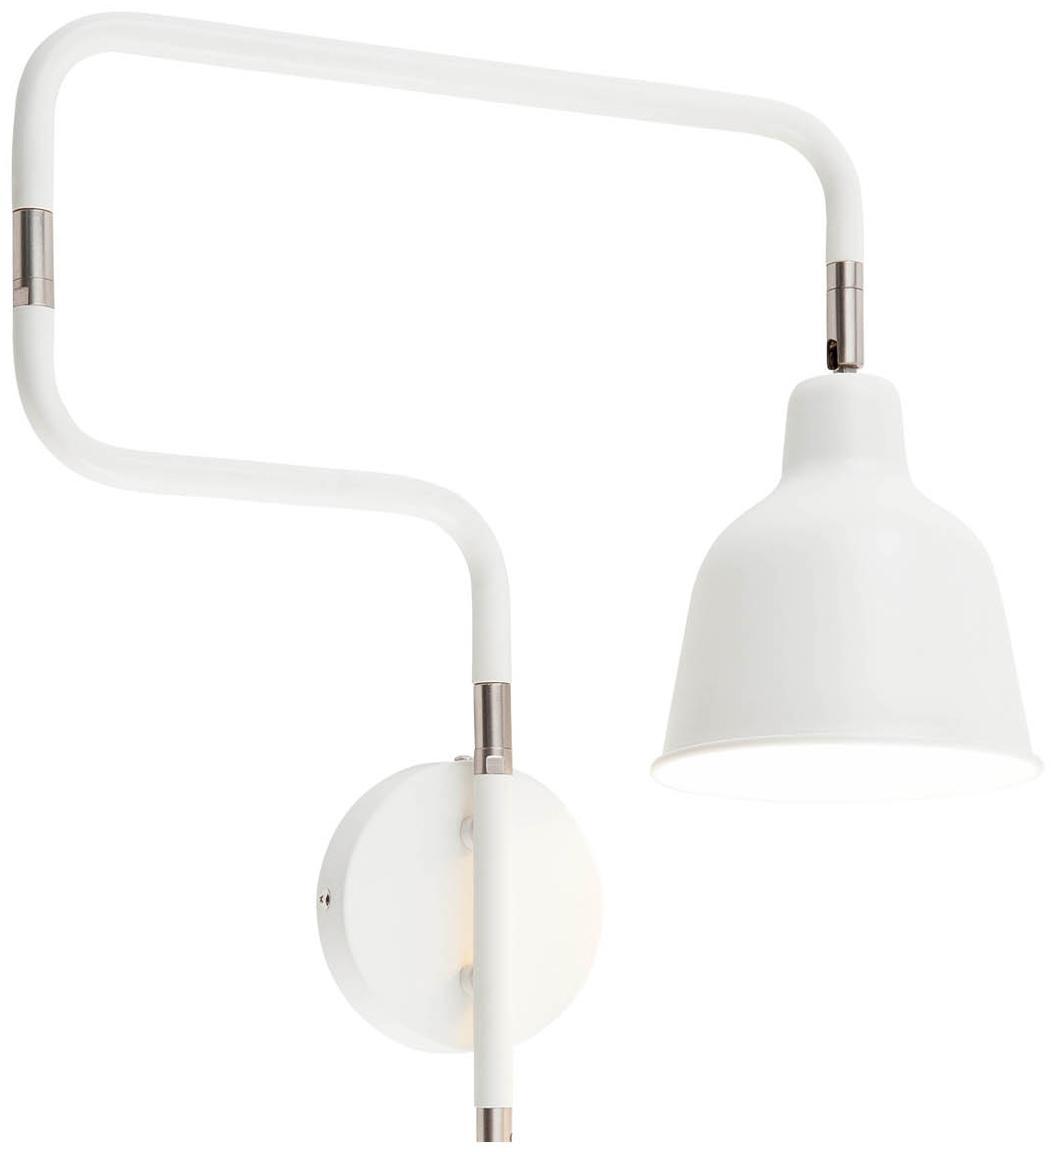 Wandleuchte Multi mit Stecker, Leuchte: Metall, lackiert, Weiß, 63 x 40 cm